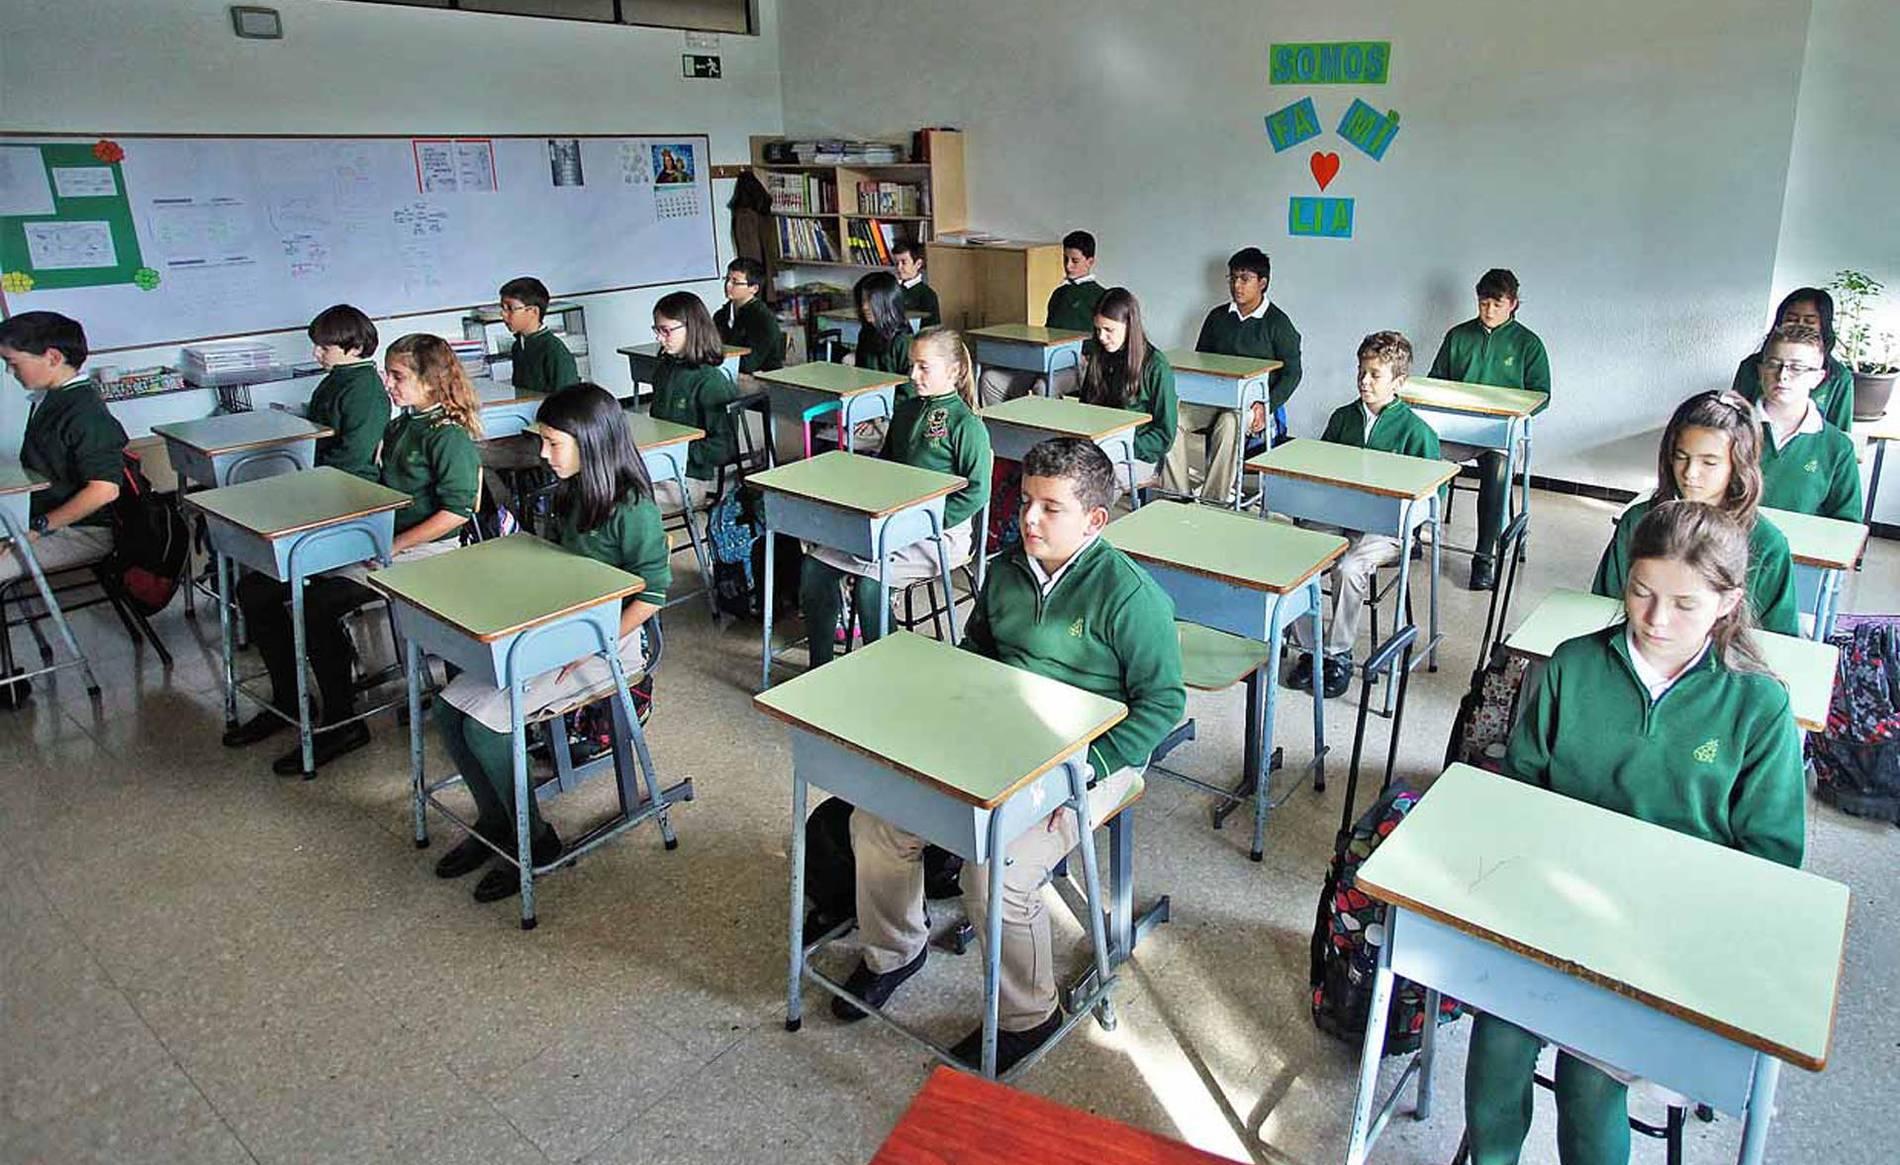 Colegio La Presentación FESD (1/27) - Escolares del colegio La Presentación FESD (Villava). - Navarra -